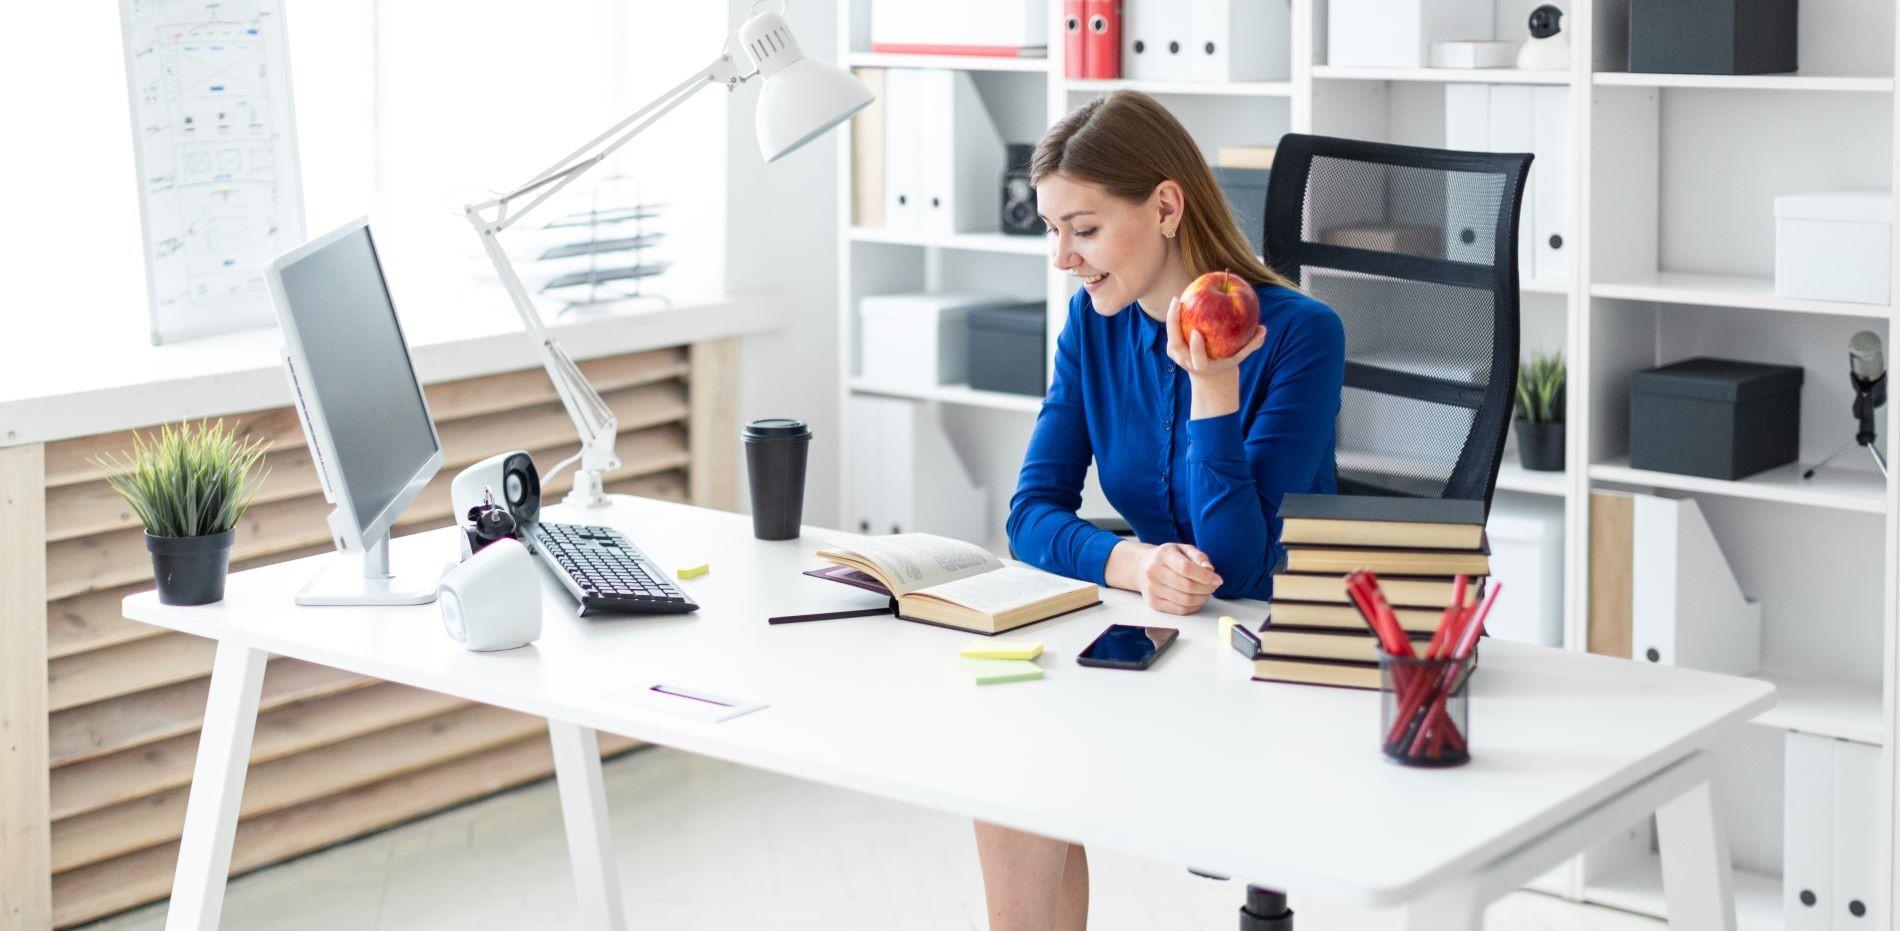 L'home working è la nuova frontiera del lavoro